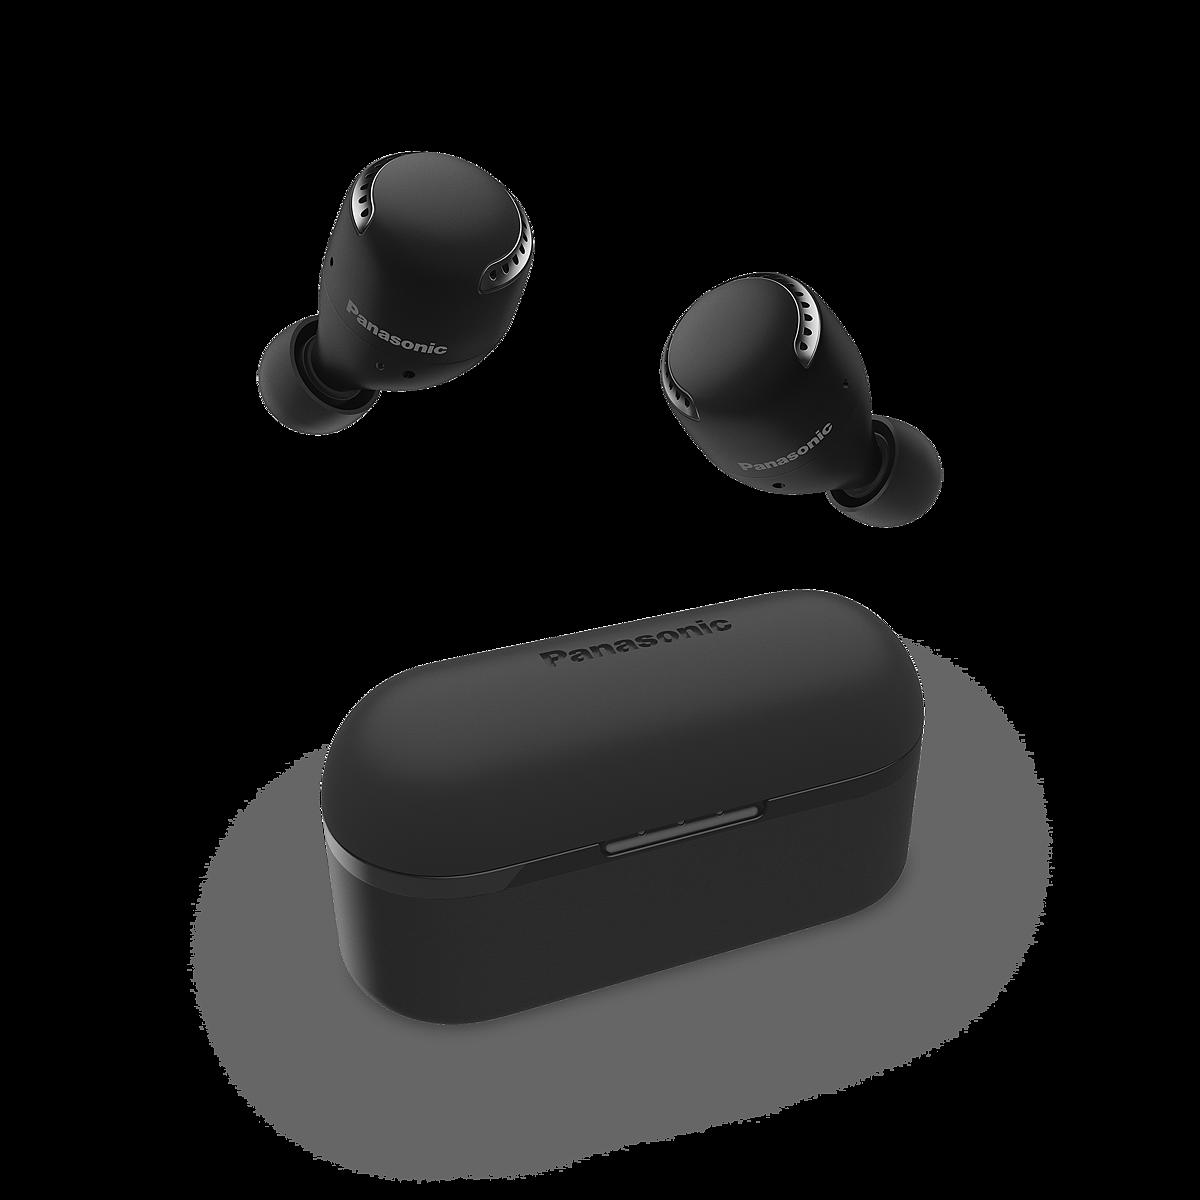 слушалки Panasonic RZ-S500WE-K